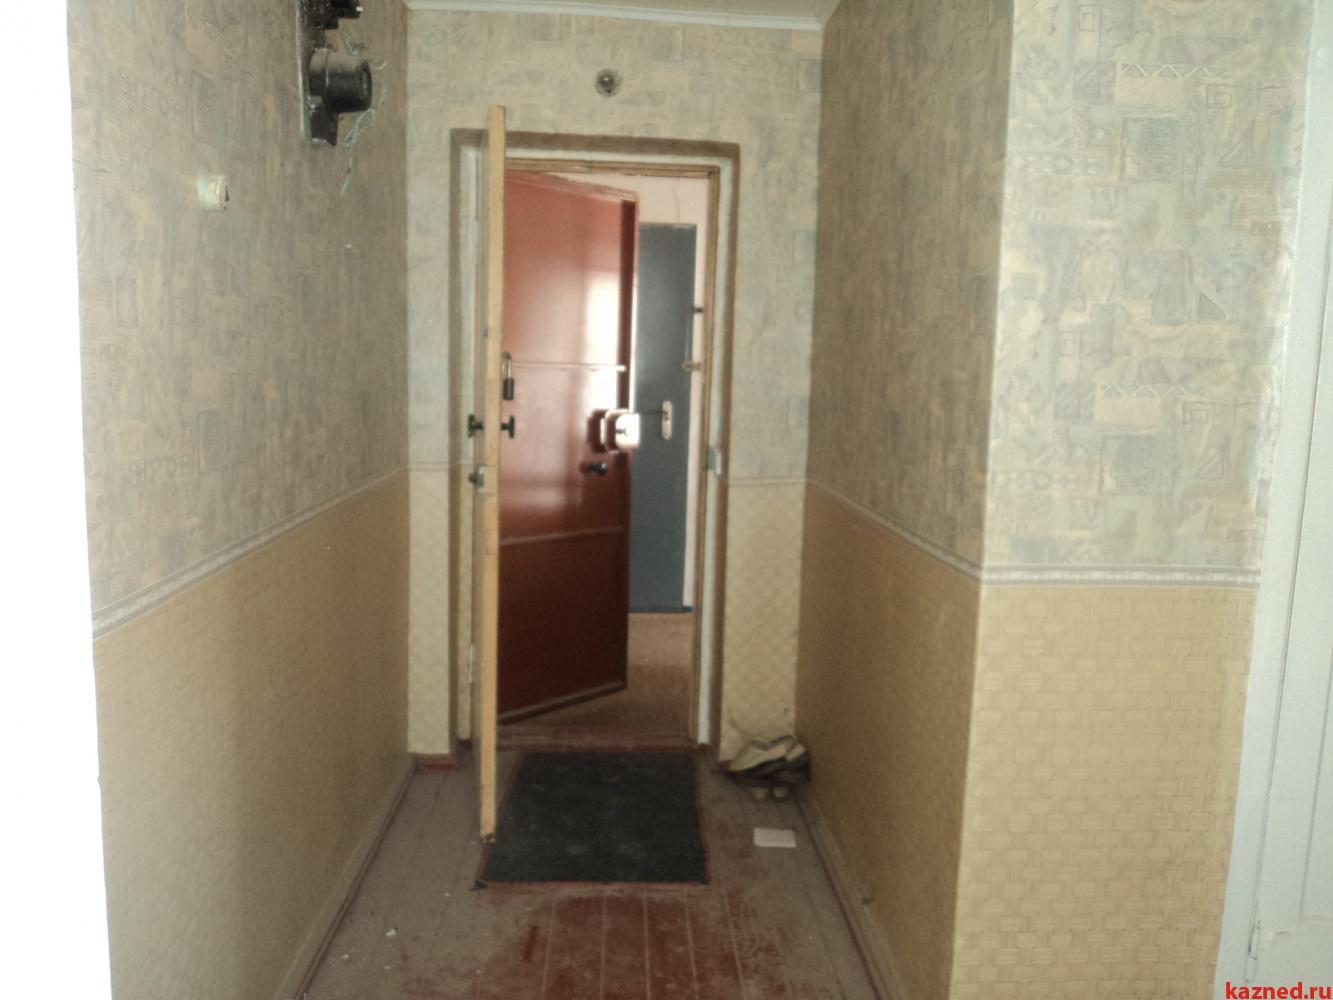 Продажа 2-к квартиры , 42 м² (миниатюра №2)